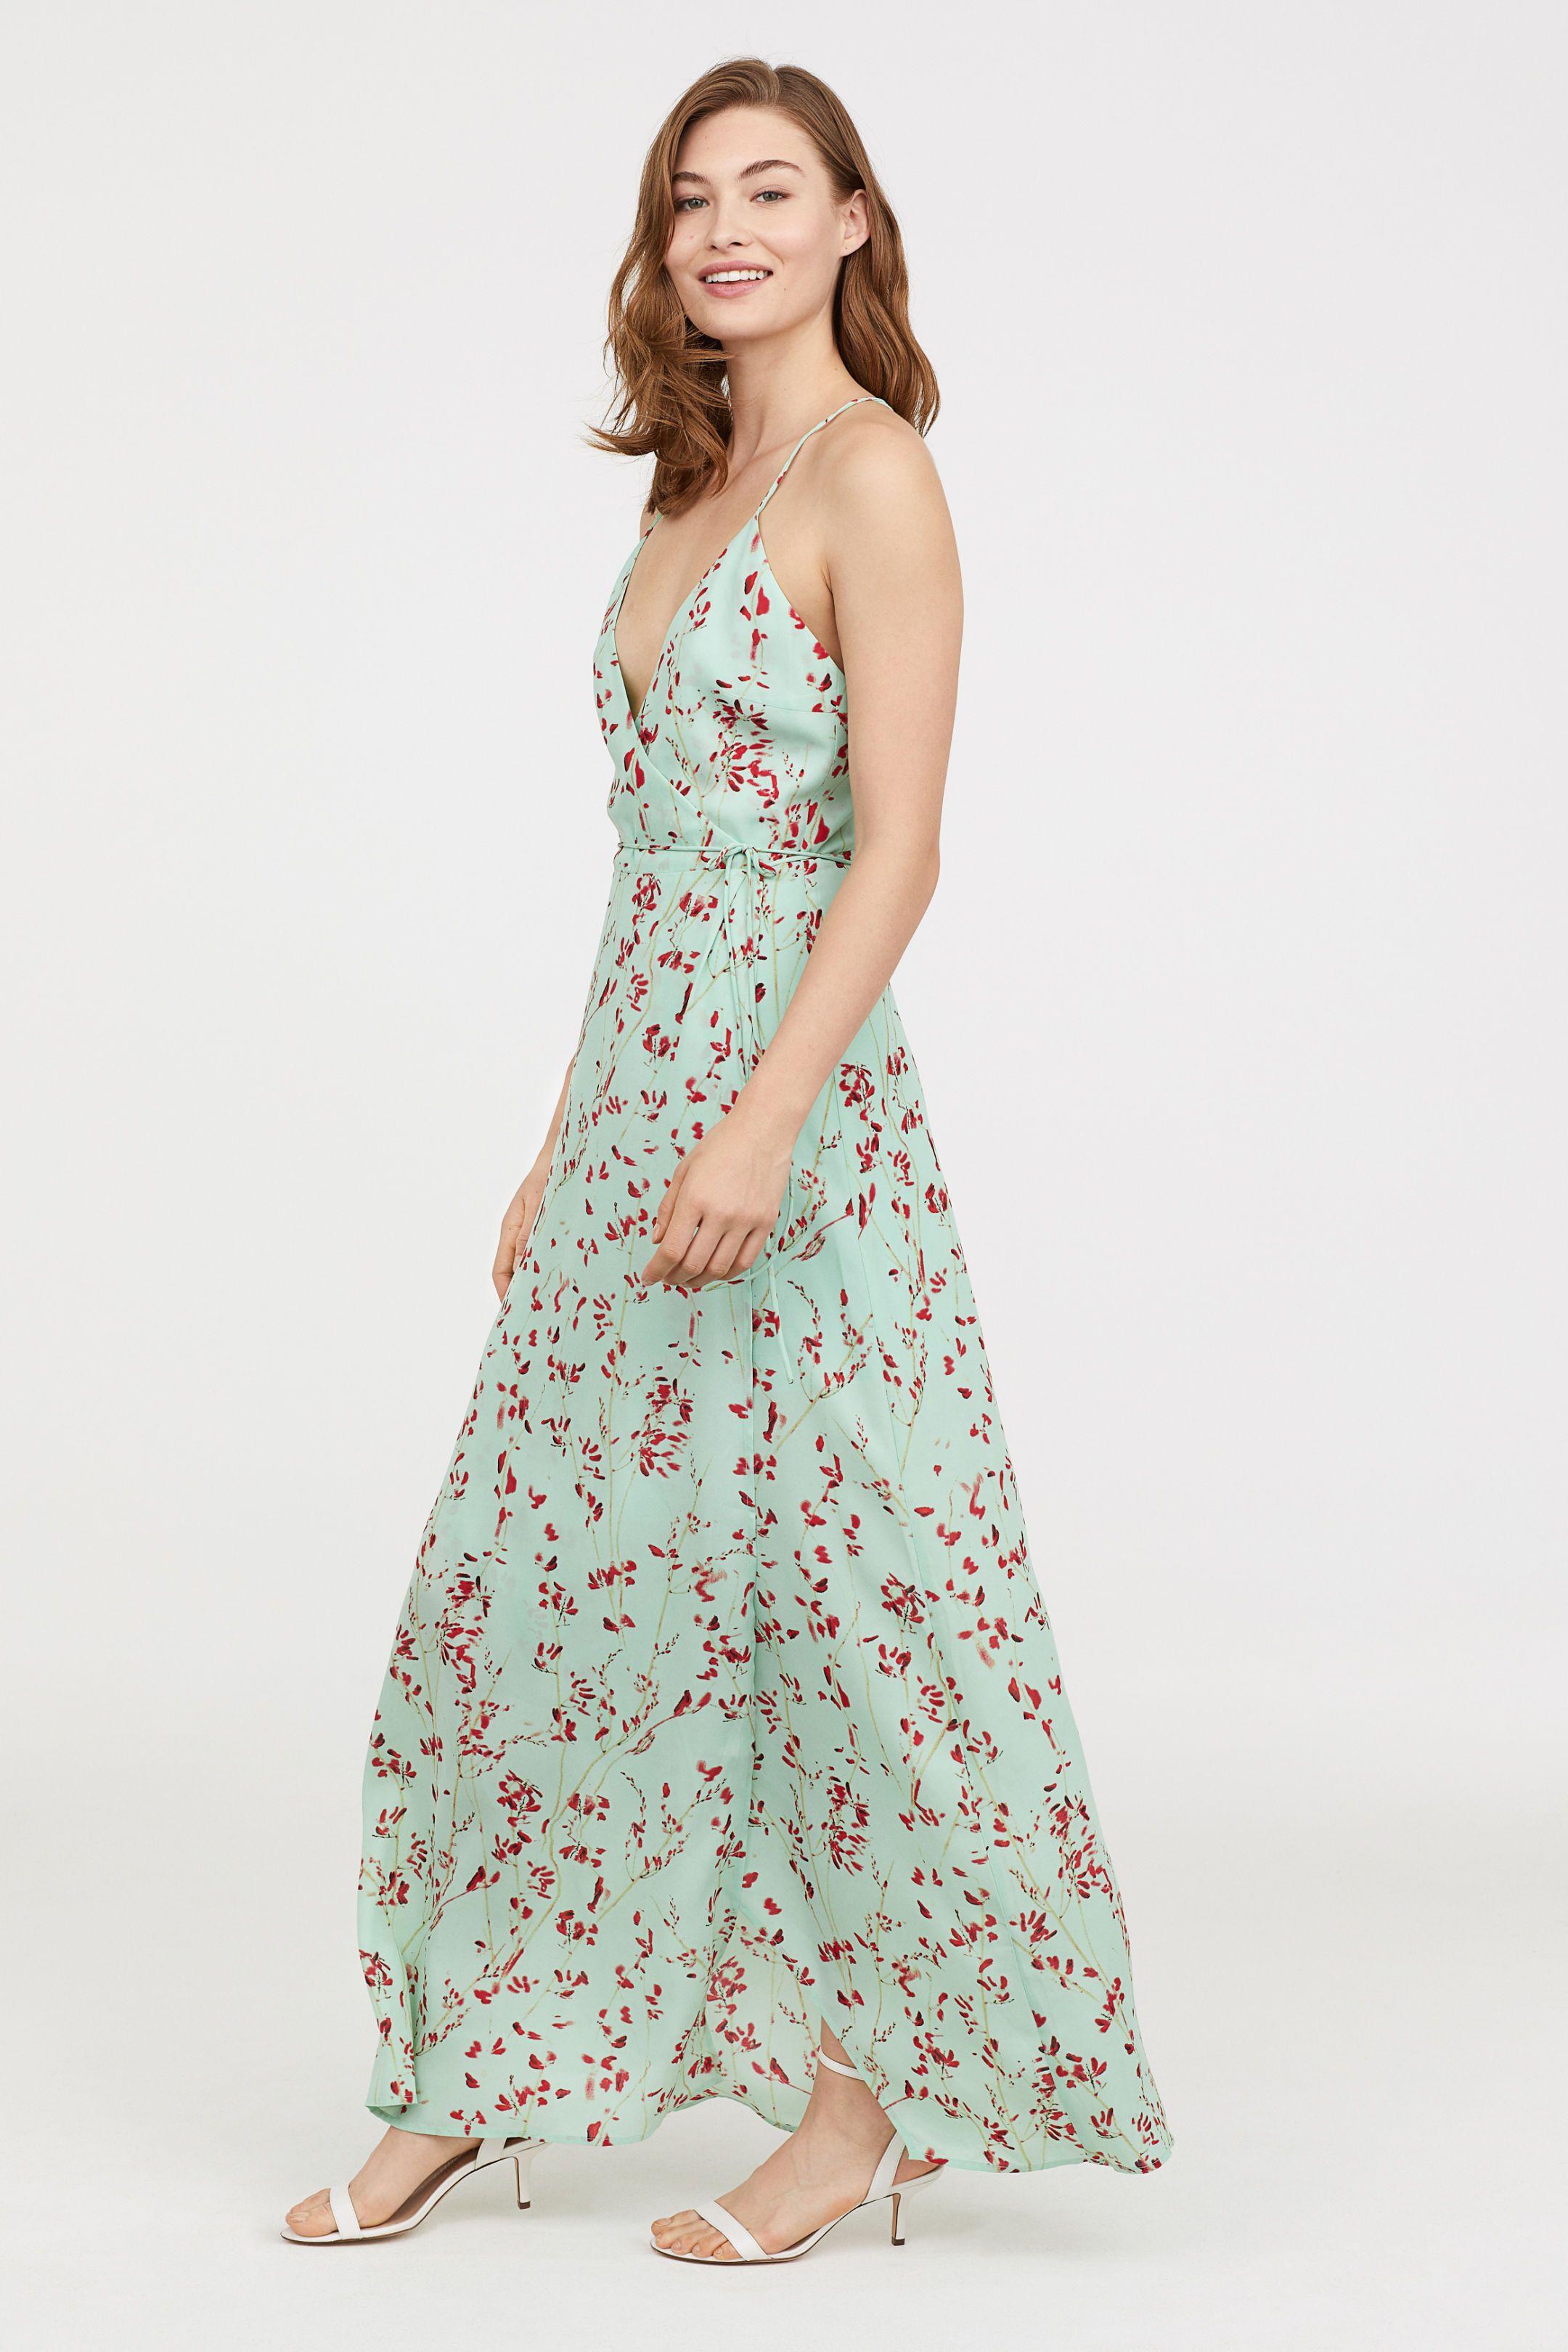 c64d240f9dce Long Wrap Dress in 2019 | Fancy. | Dresses, Wrap dress, Strapless ...